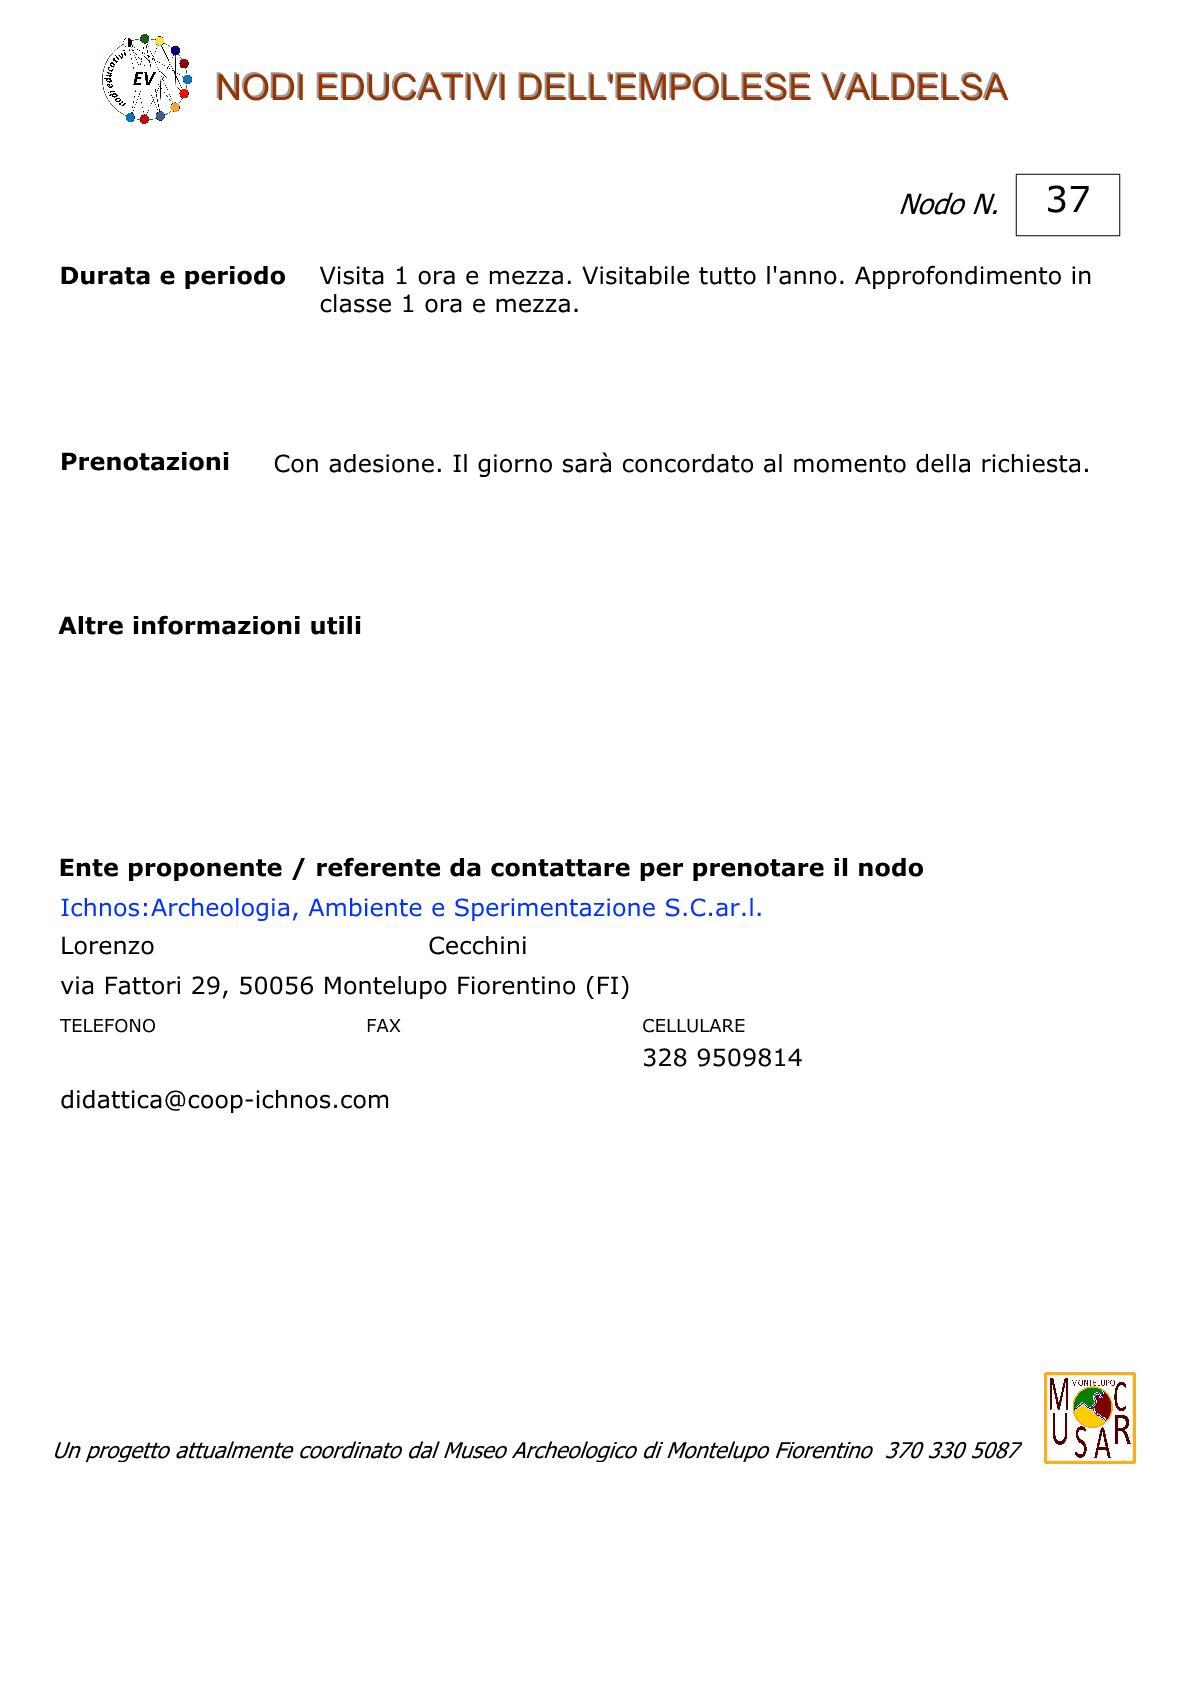 nodi-ev-161001-n-0373